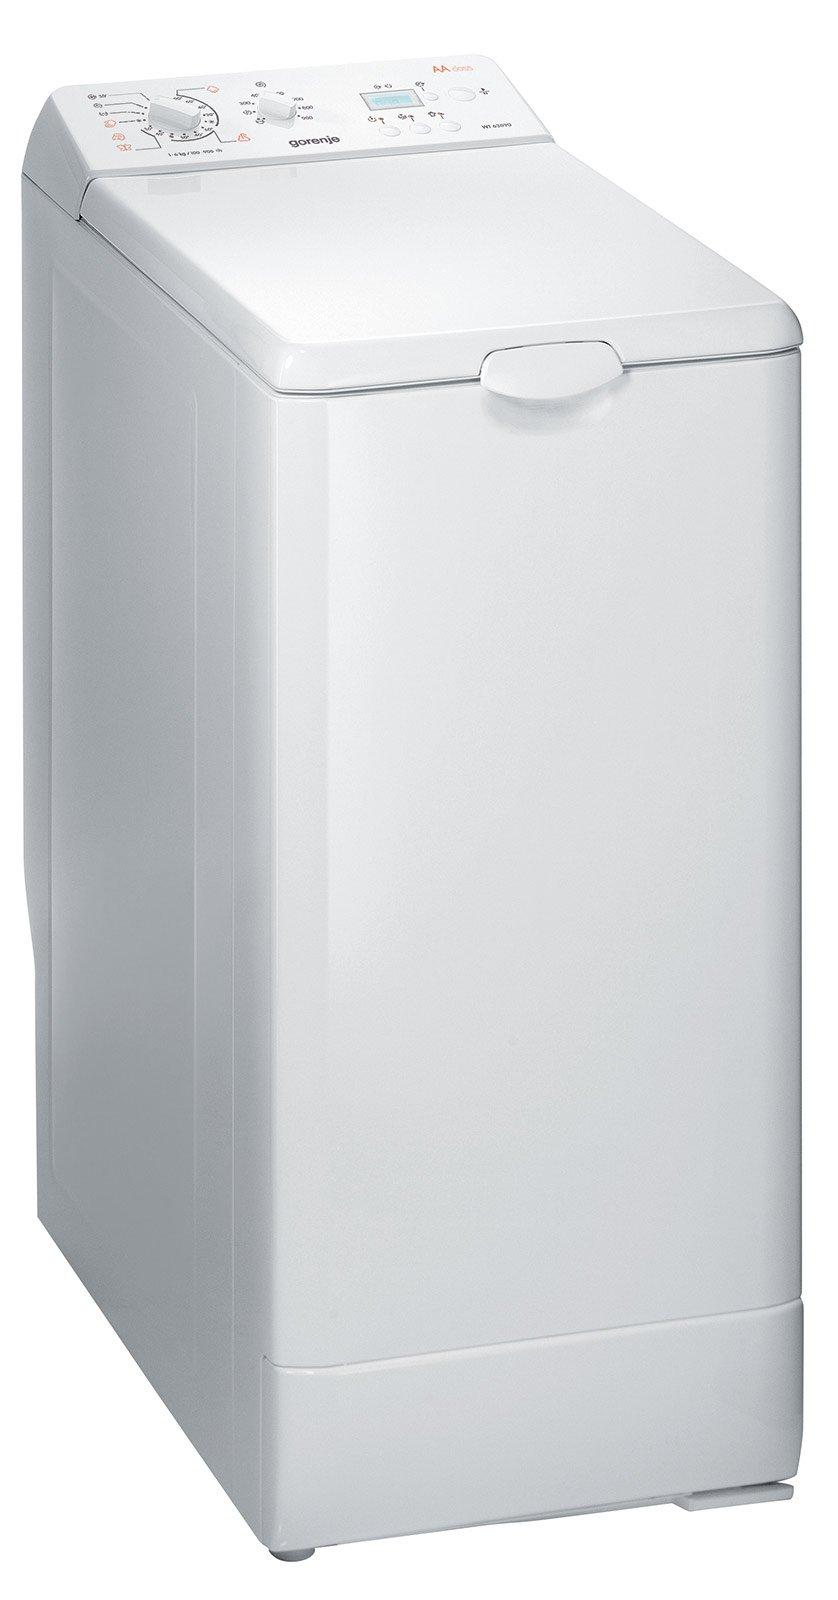 Elettrodomestici piccoli per risparmiare spazio cose di casa for Lavastoviglie 40 cm